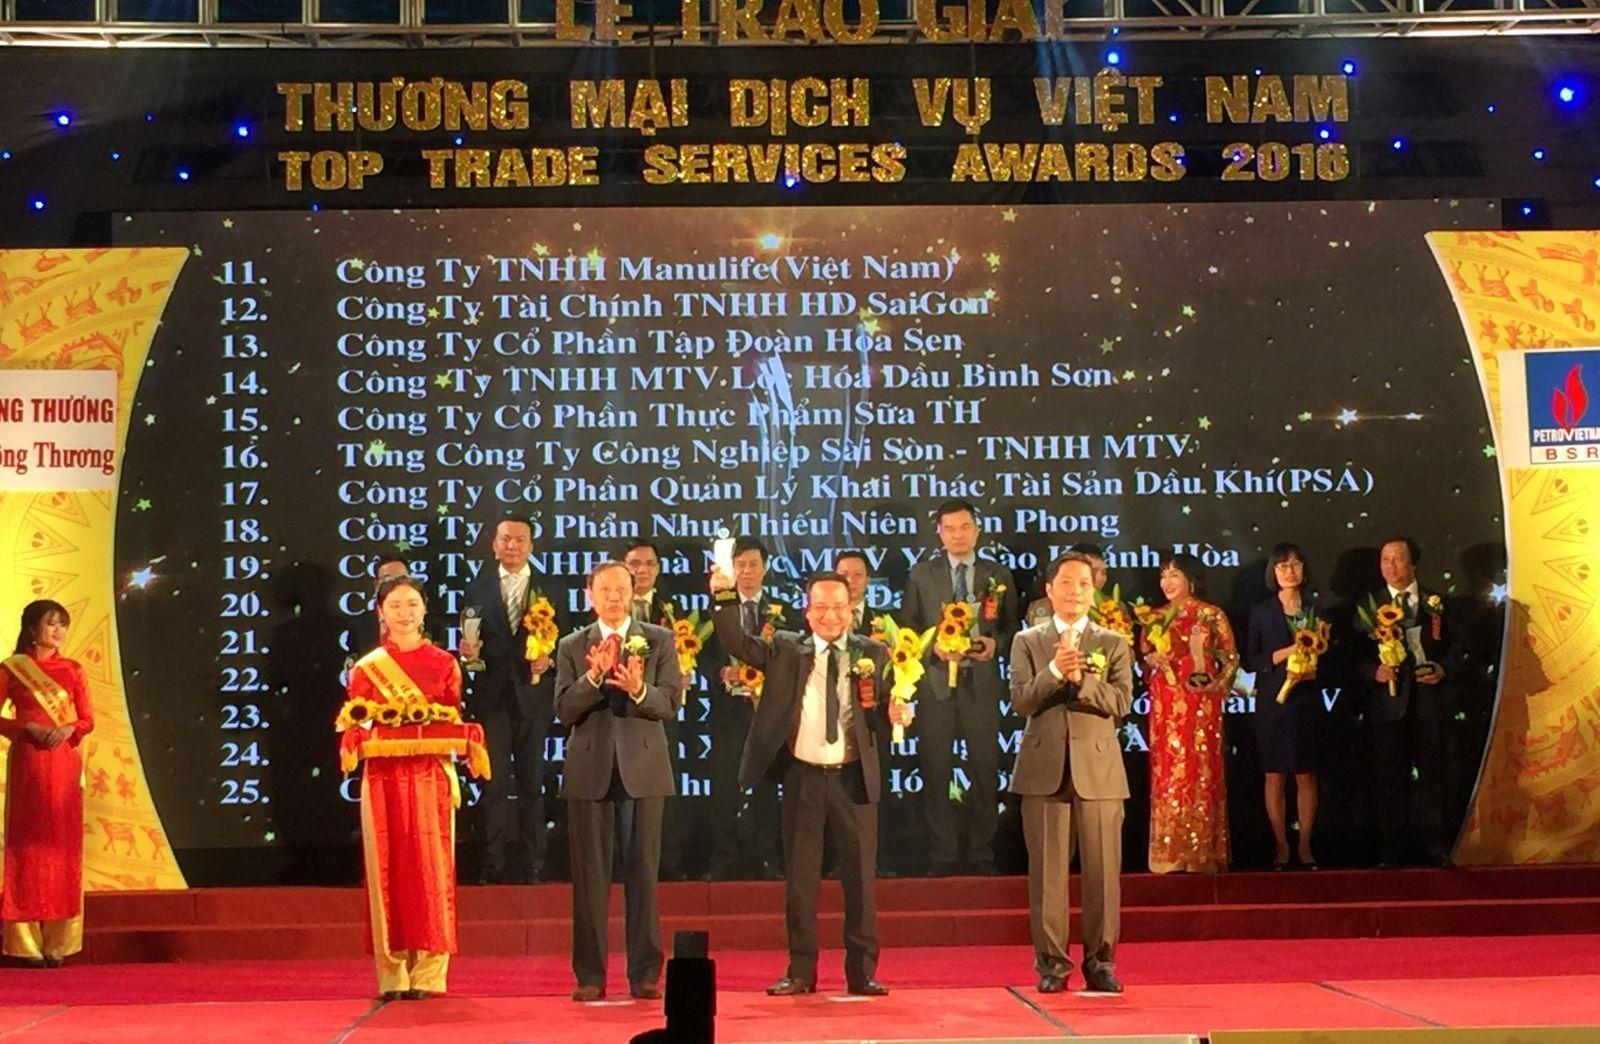 HD Saison đạt top Thương mại dịch vụ Việt Nam